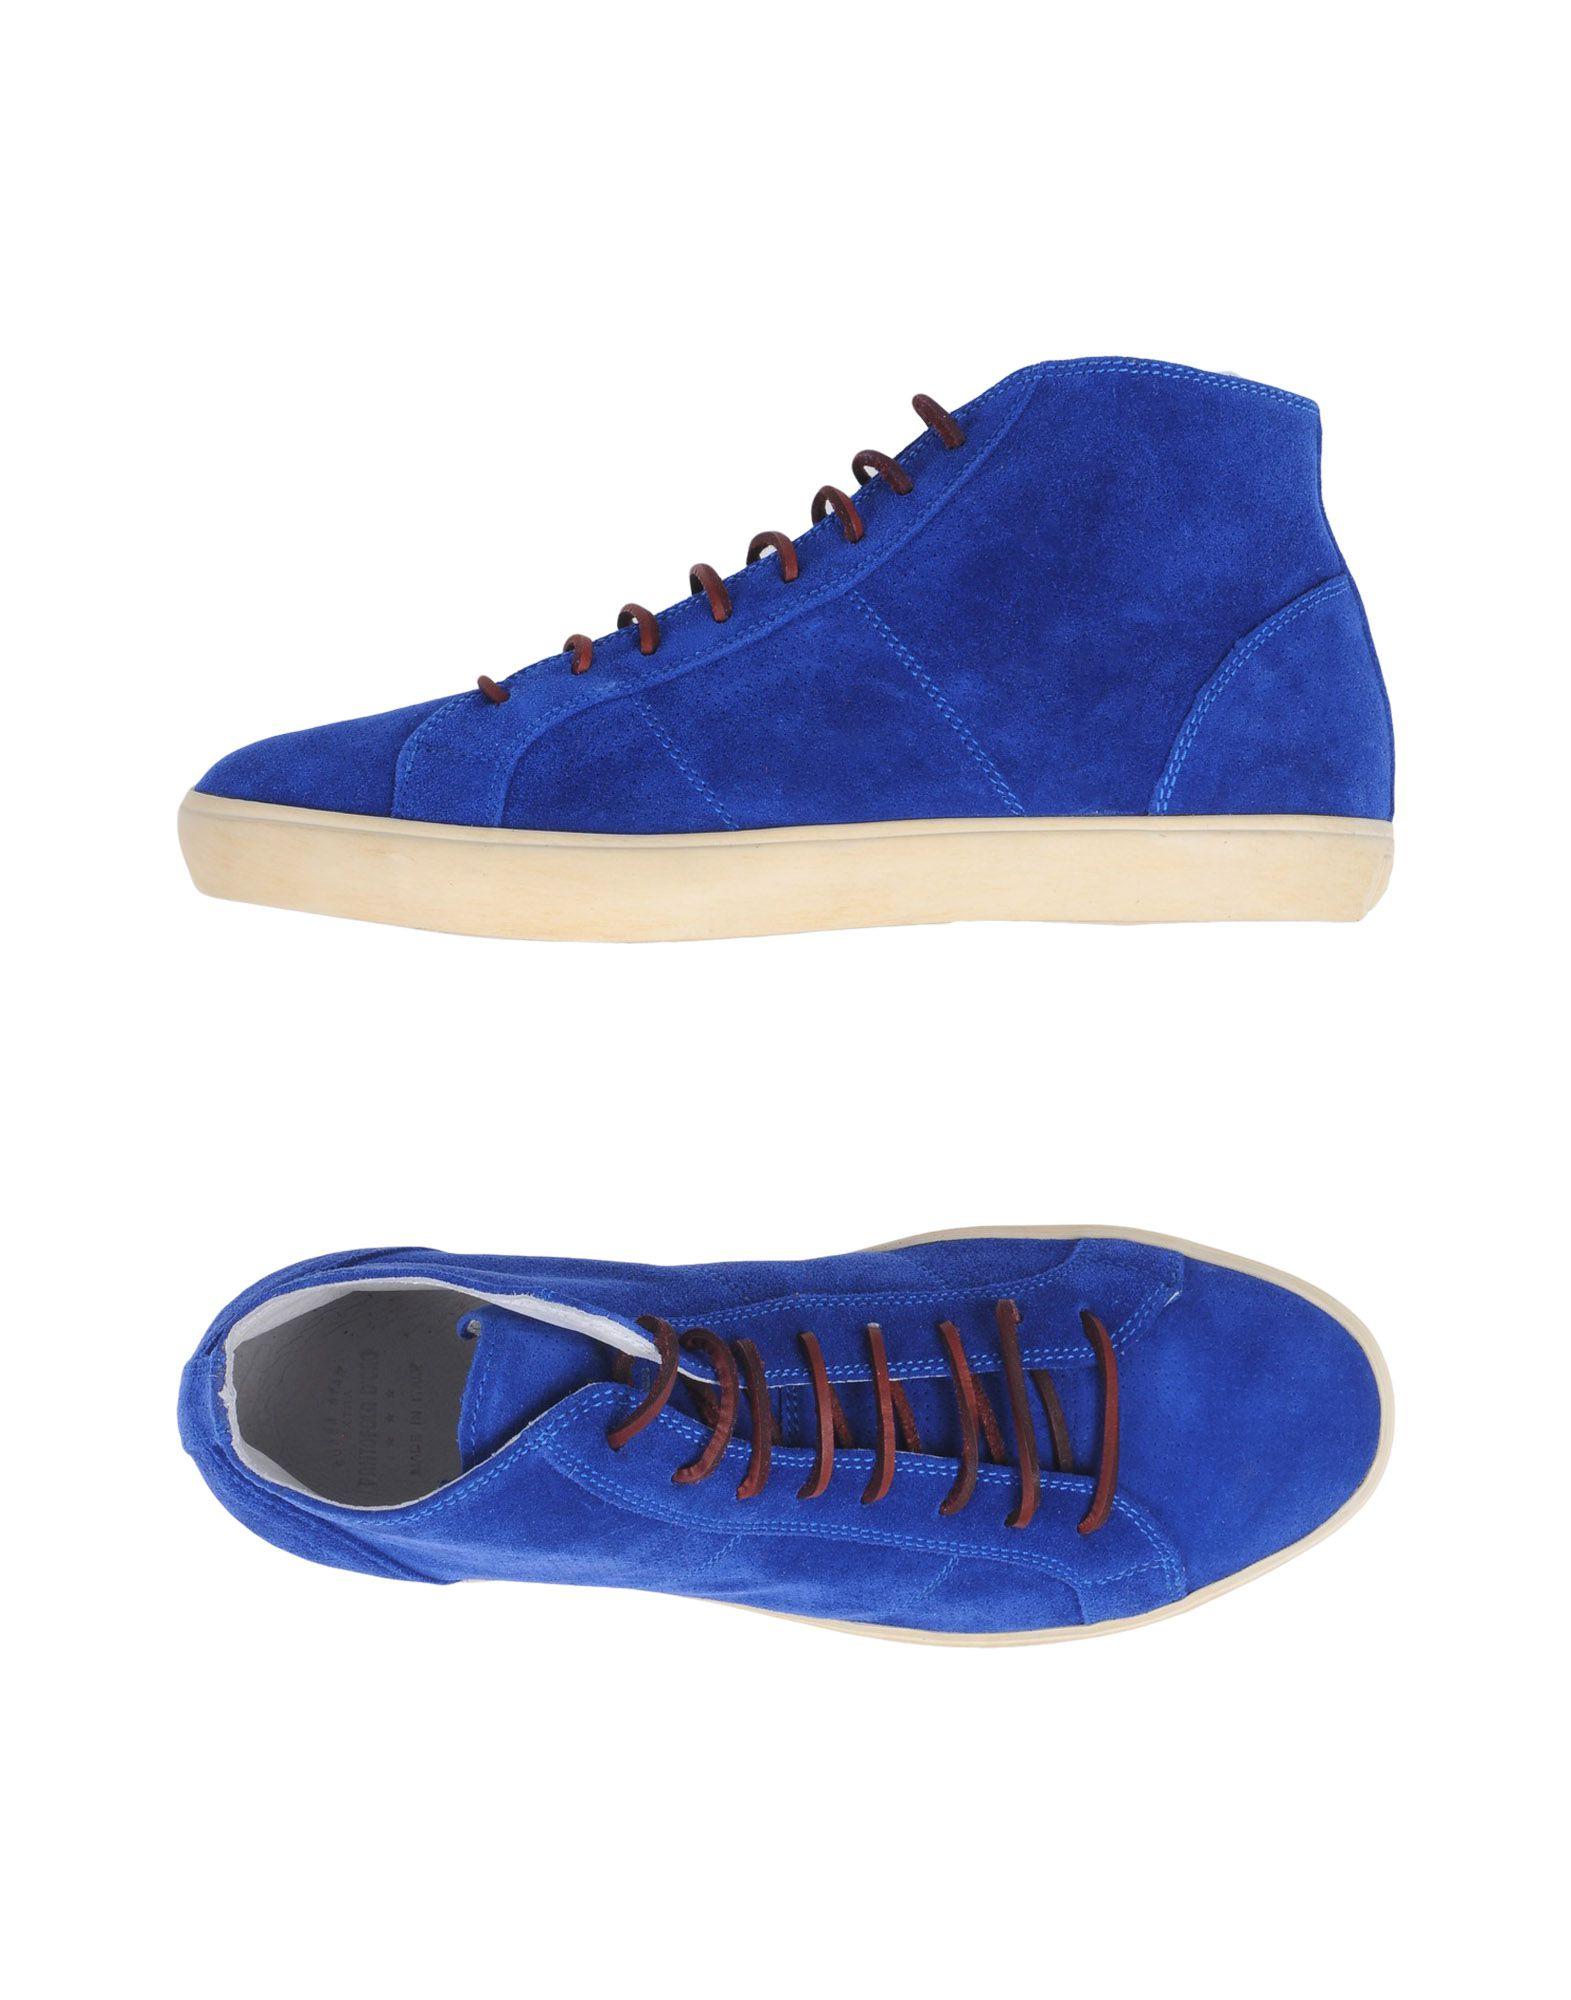 Pantofola D'oro Sneakers Herren Herren Sneakers  11353854PR 1bf712